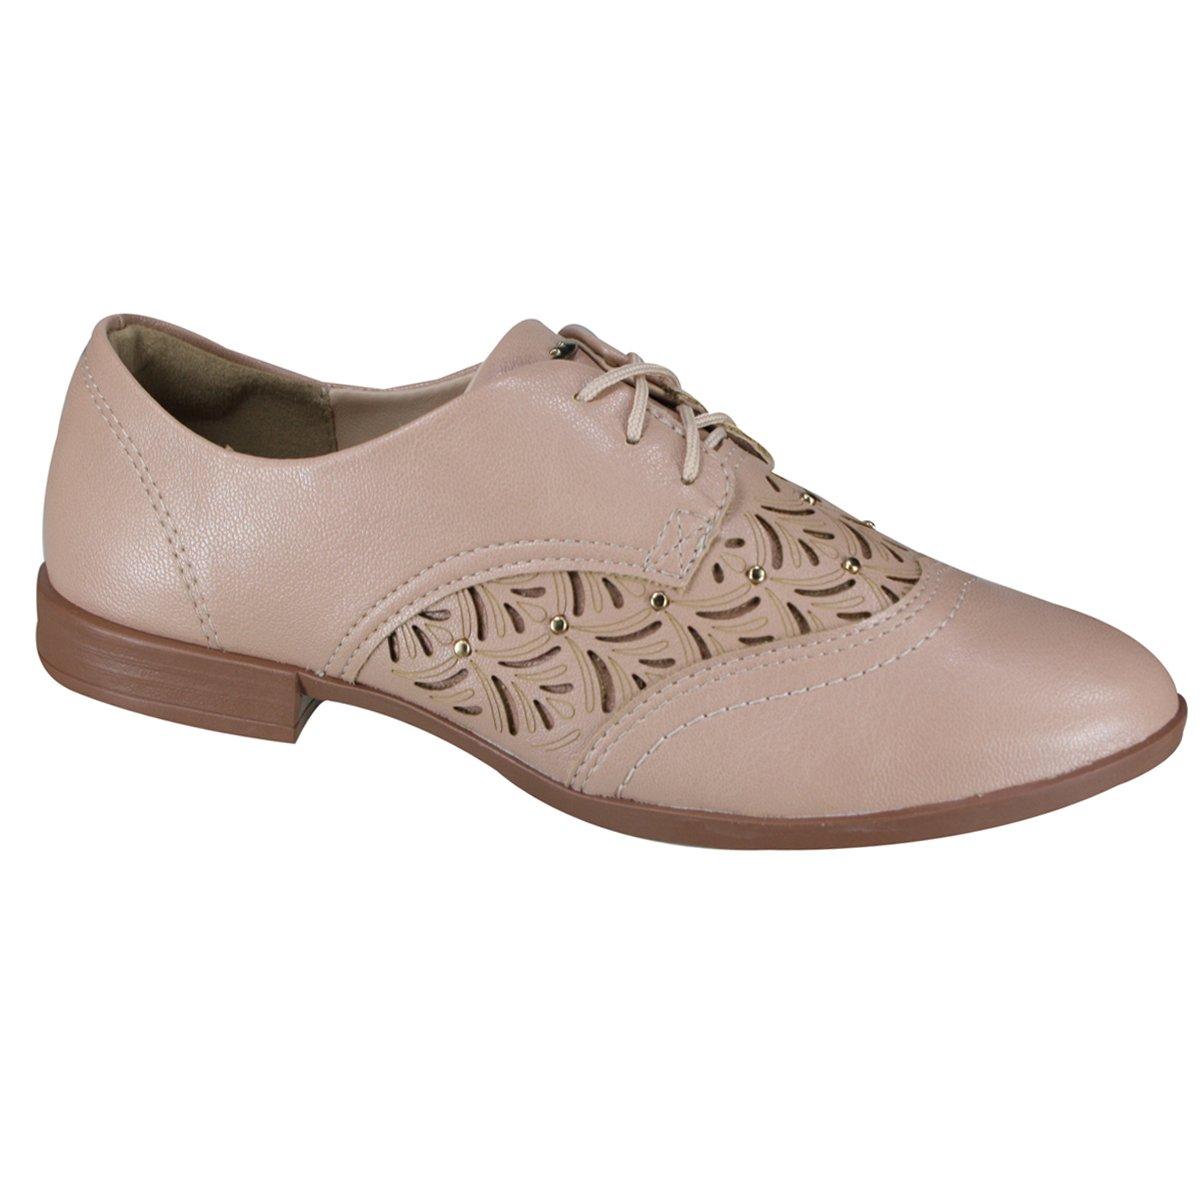 b313114e5 Sapato Feminino Dakota Oxford B9842 0008 - Noz (Portofino) - Botas ...